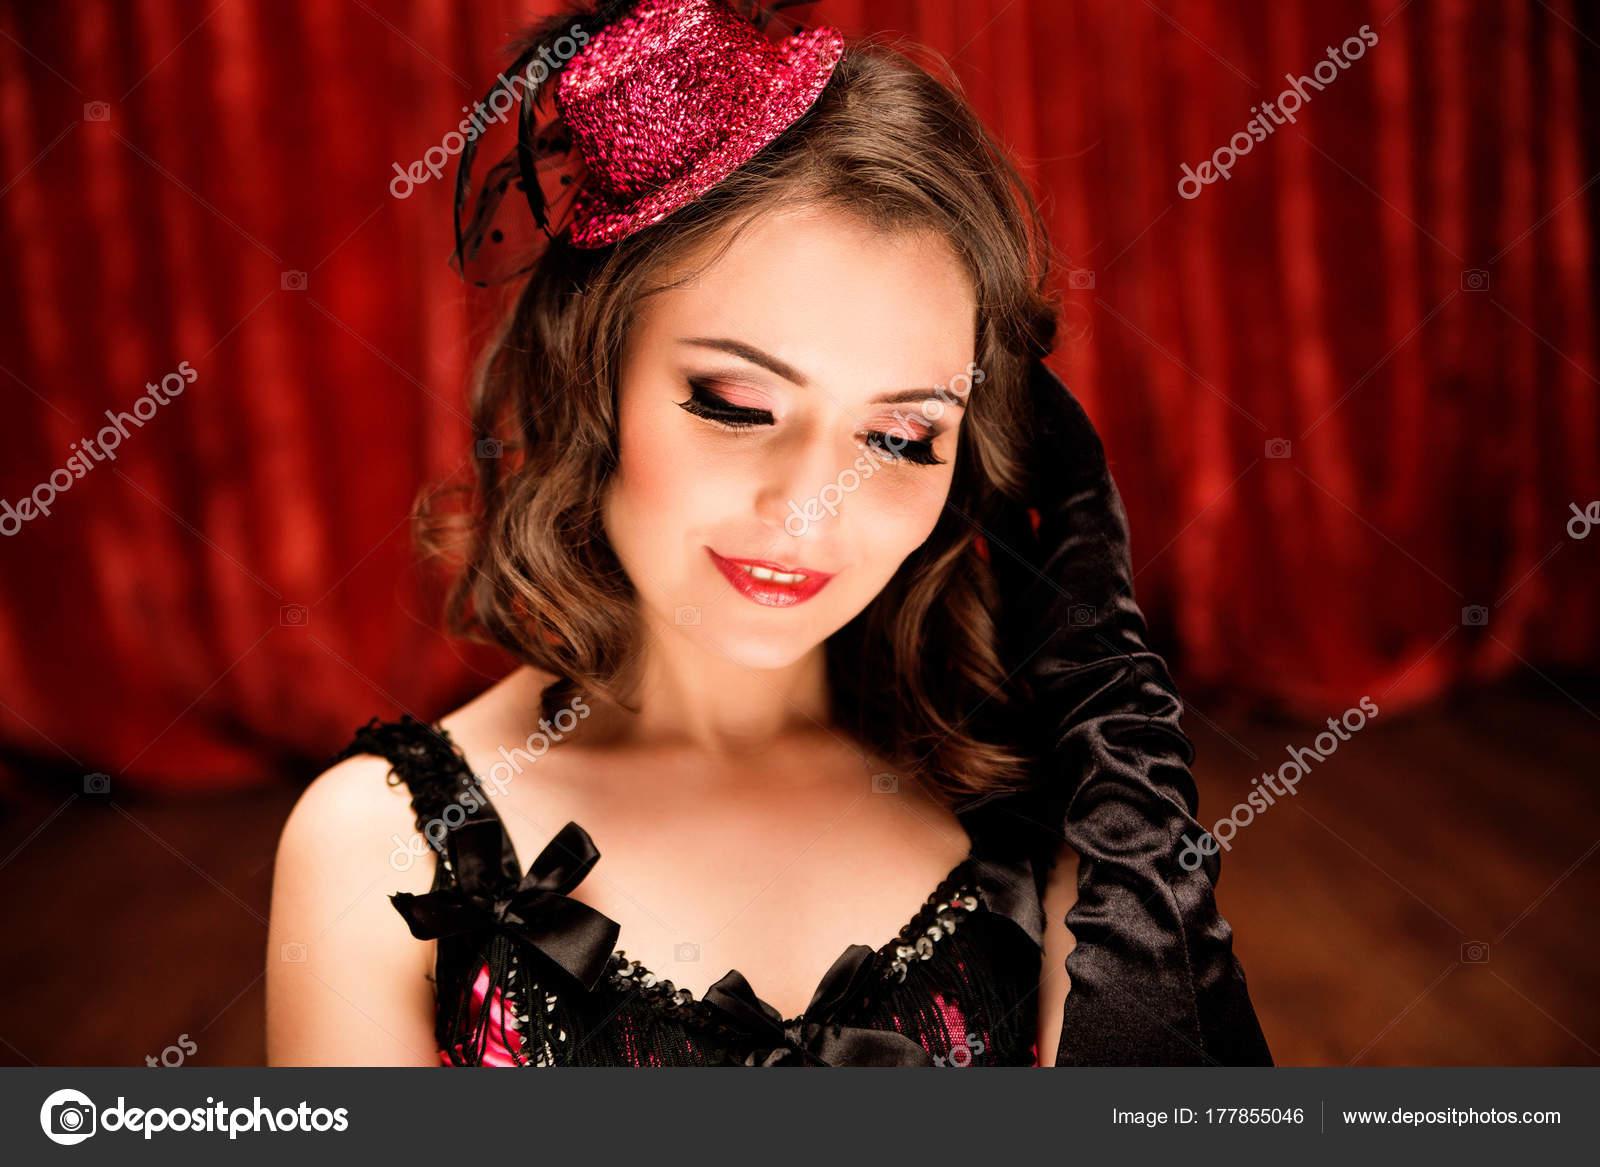 Танцовщицы и модели с большими жопами на фото, сабрина саброк голая смотреть видео онлайн